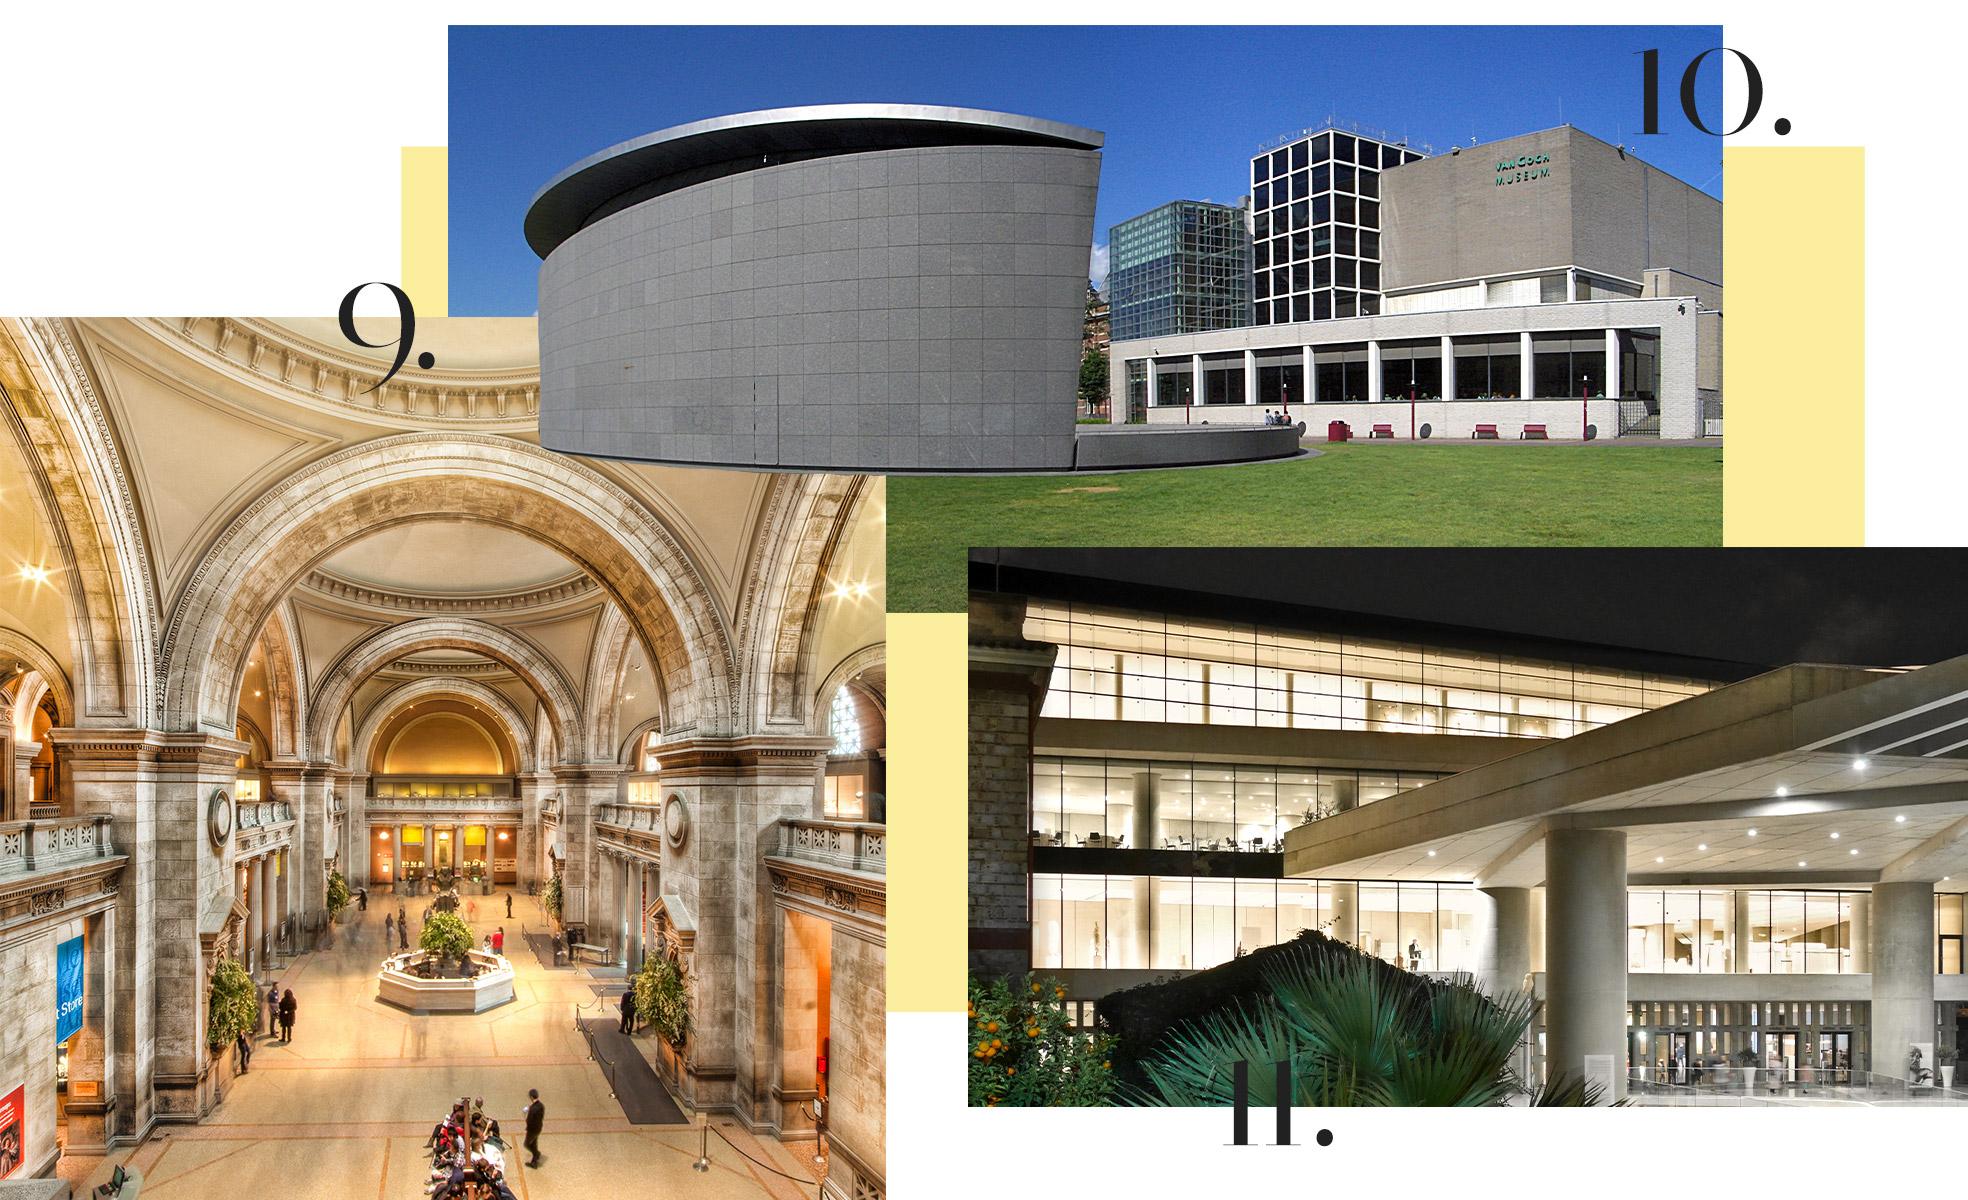 metropolitan museum of art, museu van gogh, museu da acrópole, museu virtual, exposição online | westwing.com.br